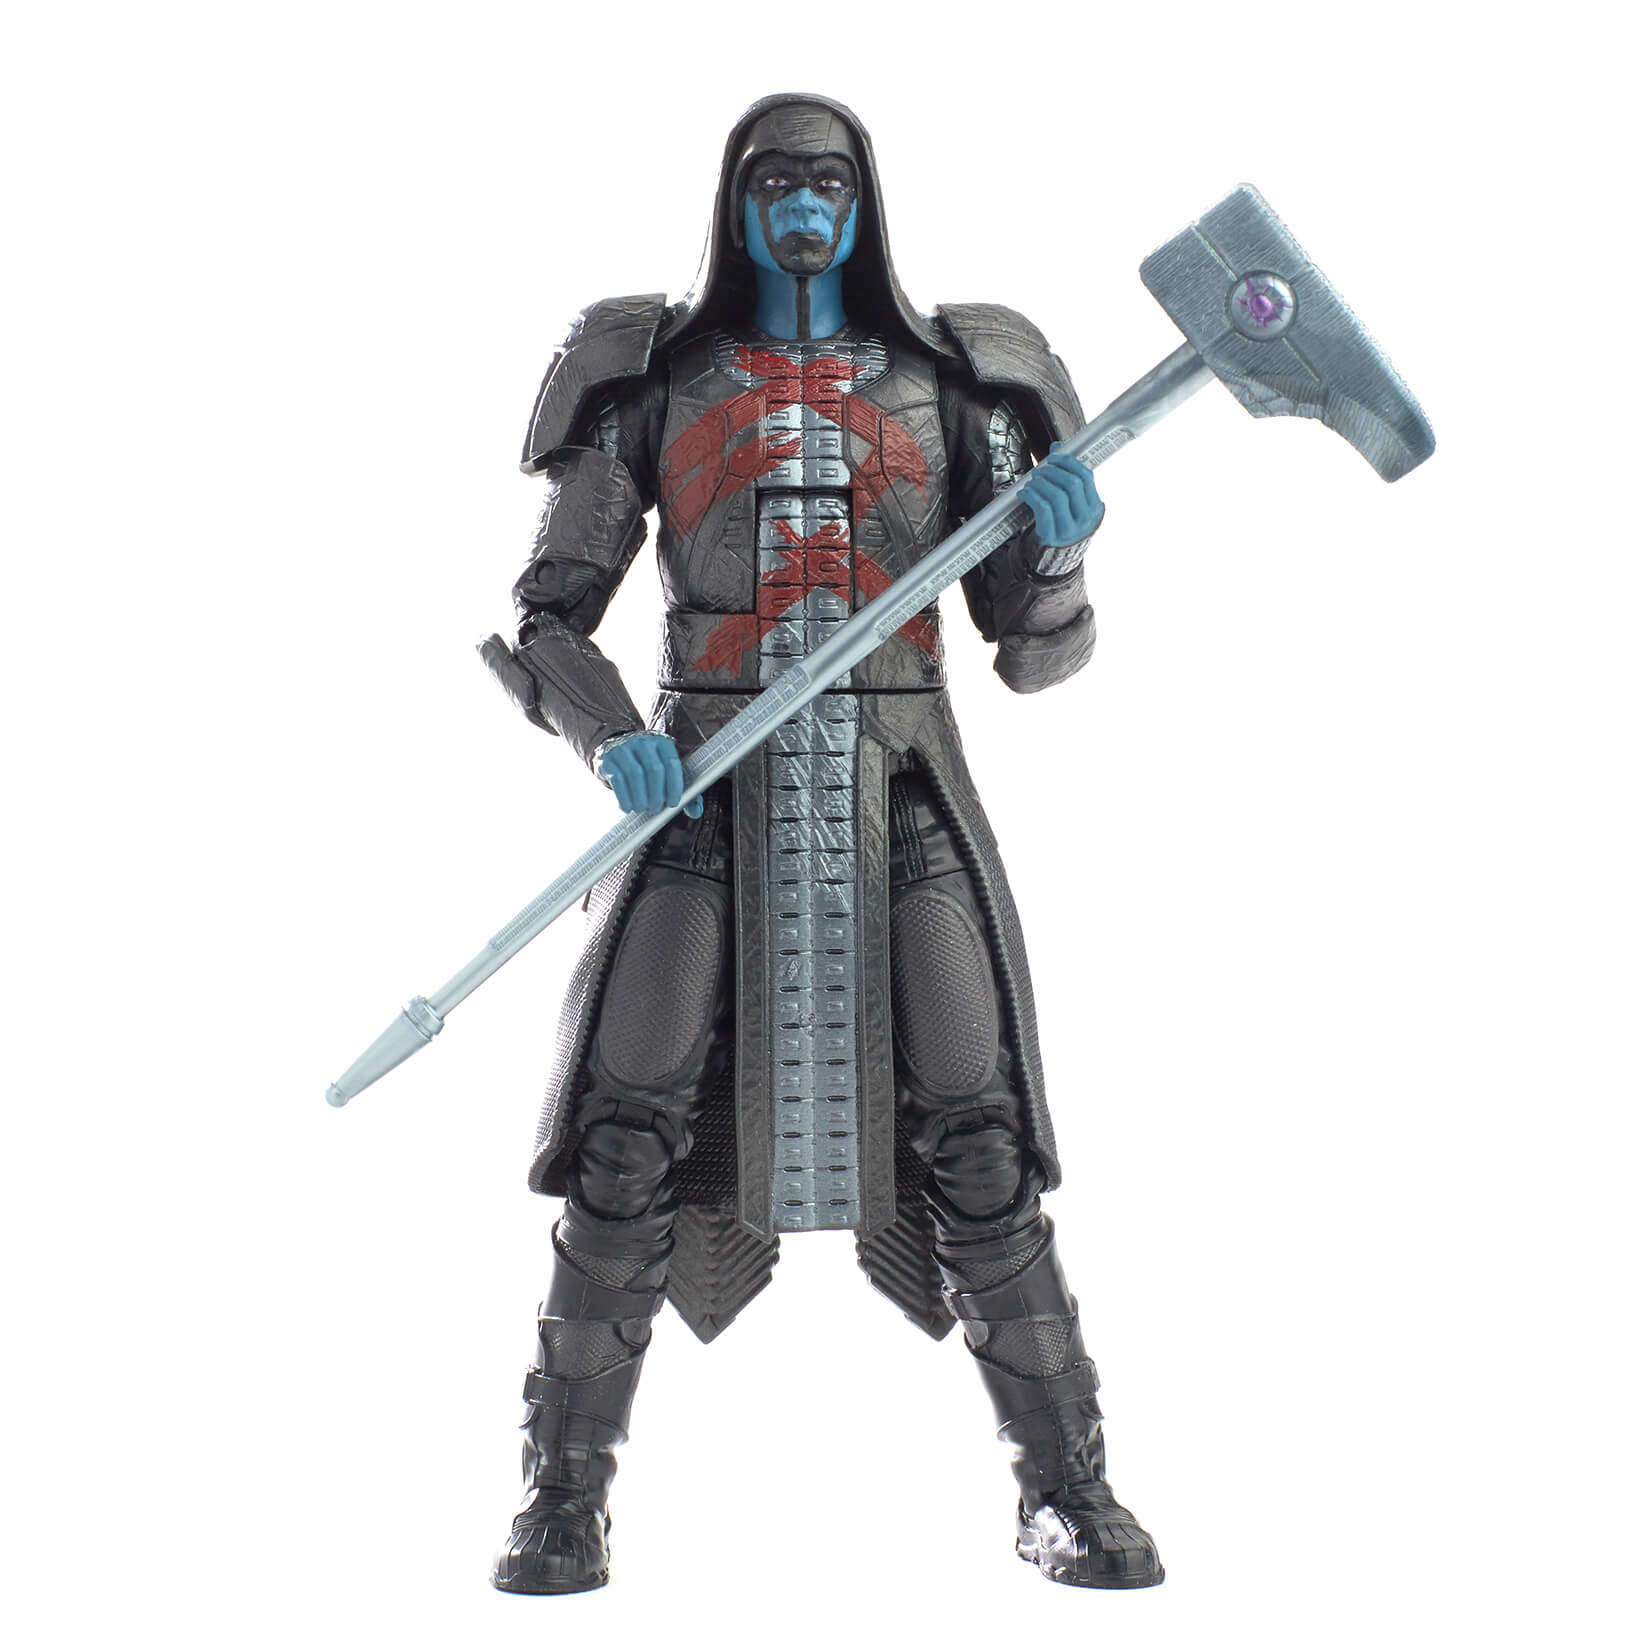 Hasbro 2018 MCU GOTG Ronan